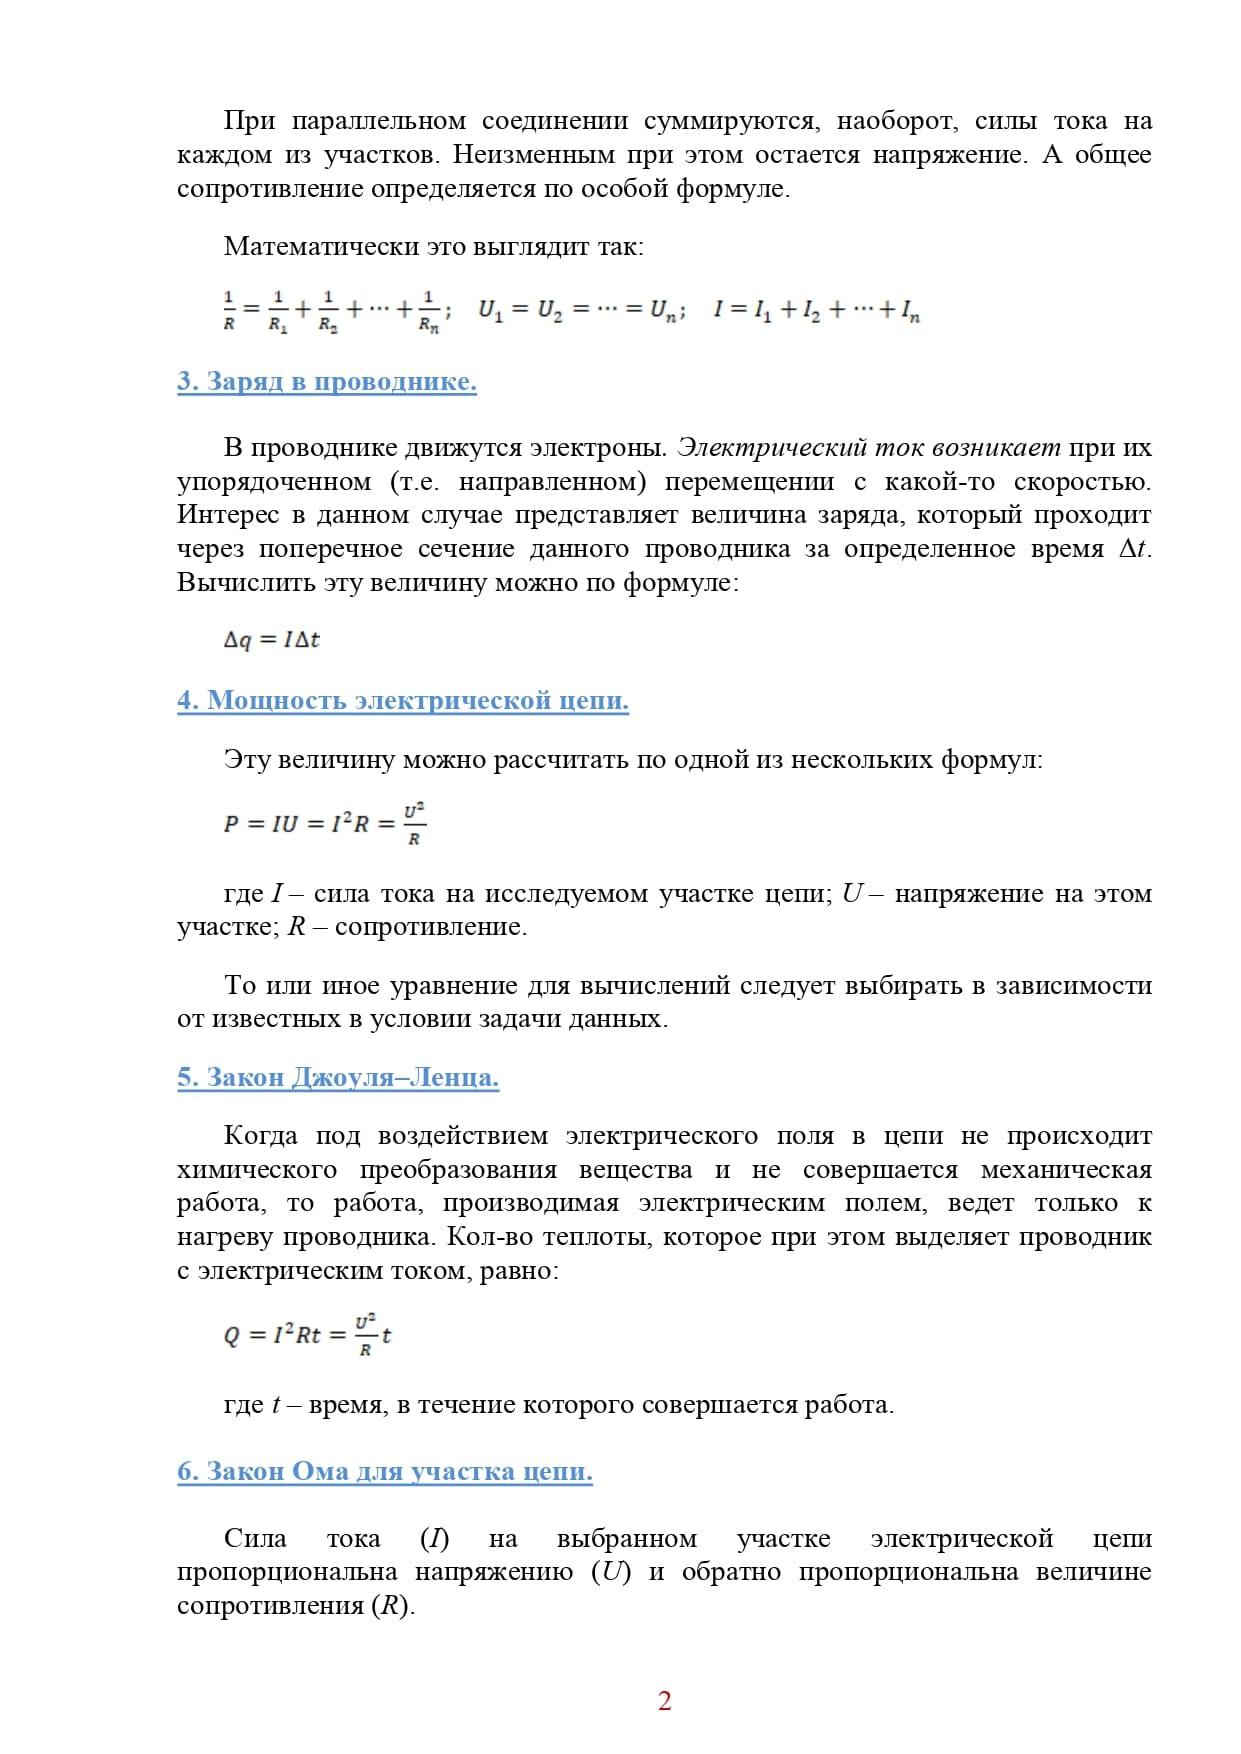 Готовимся к ОГЭ. Физика. 9 класс. Опора №11 страница 2